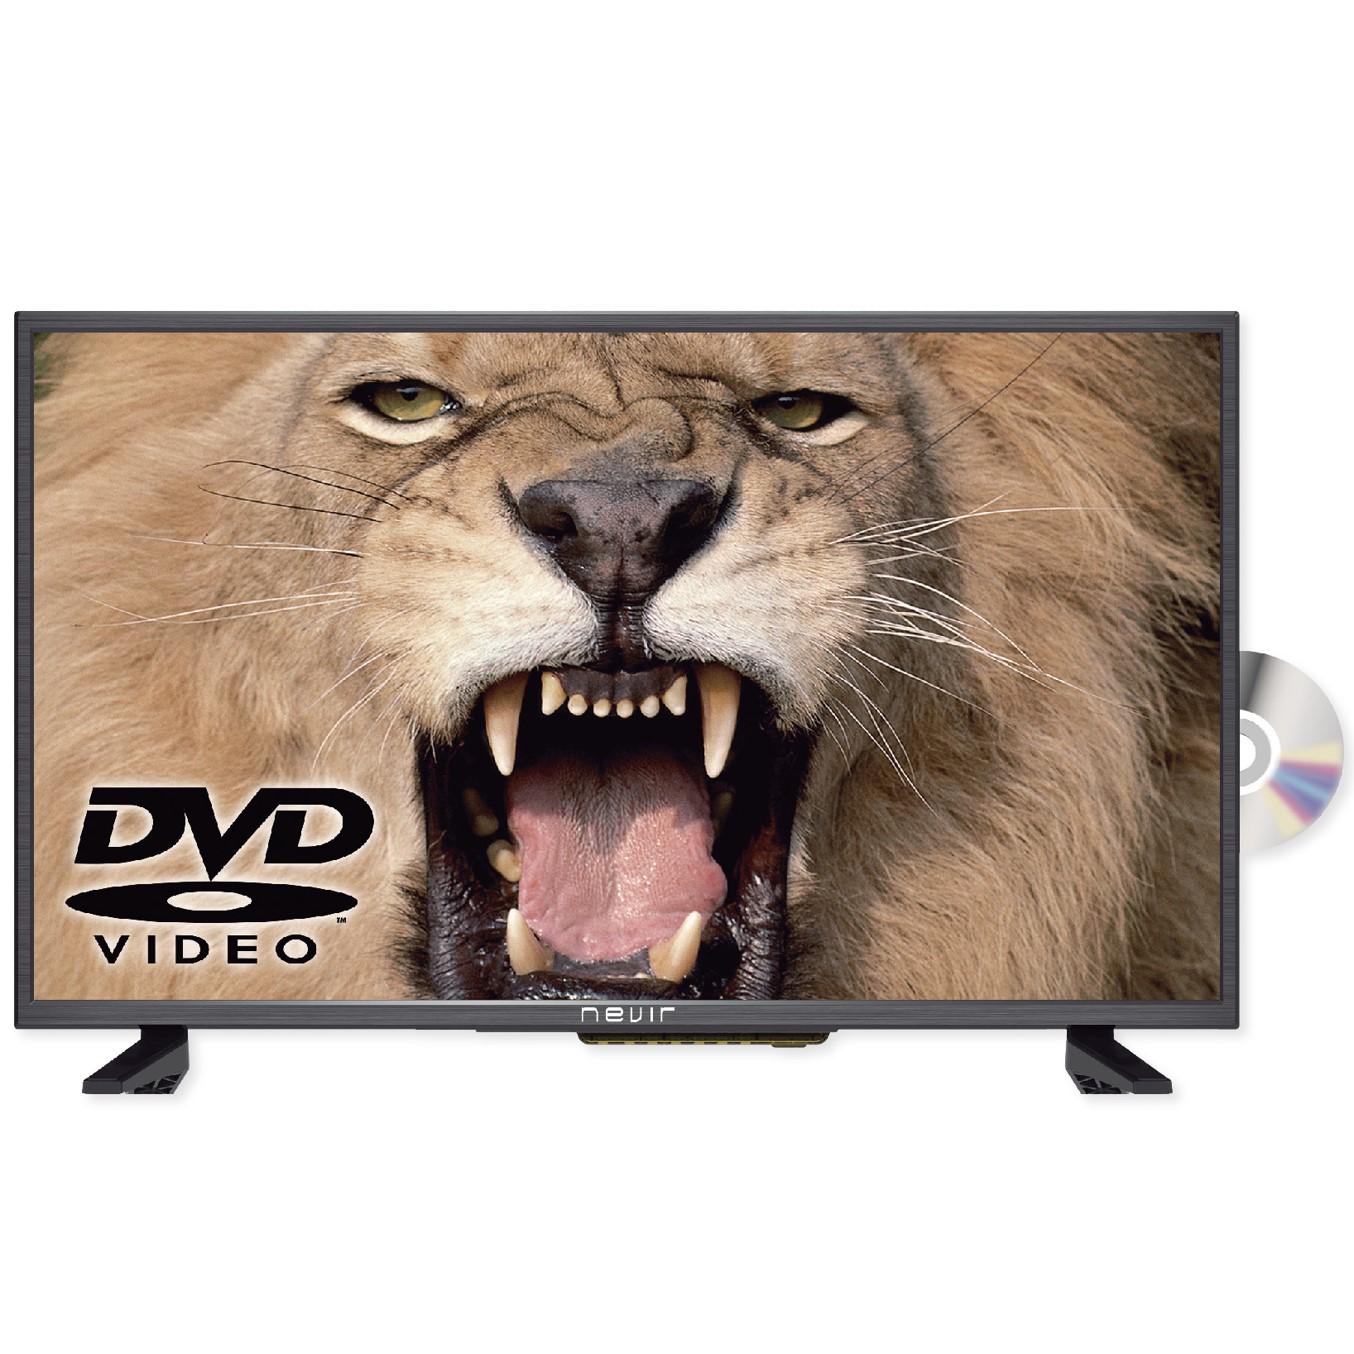 """TV NEVIR 32"""" LED HD READY/ NVR-7421-32HDDVD-N/ NEGRO/ TDT HD/ DVD/ HDMI/ USB-R"""